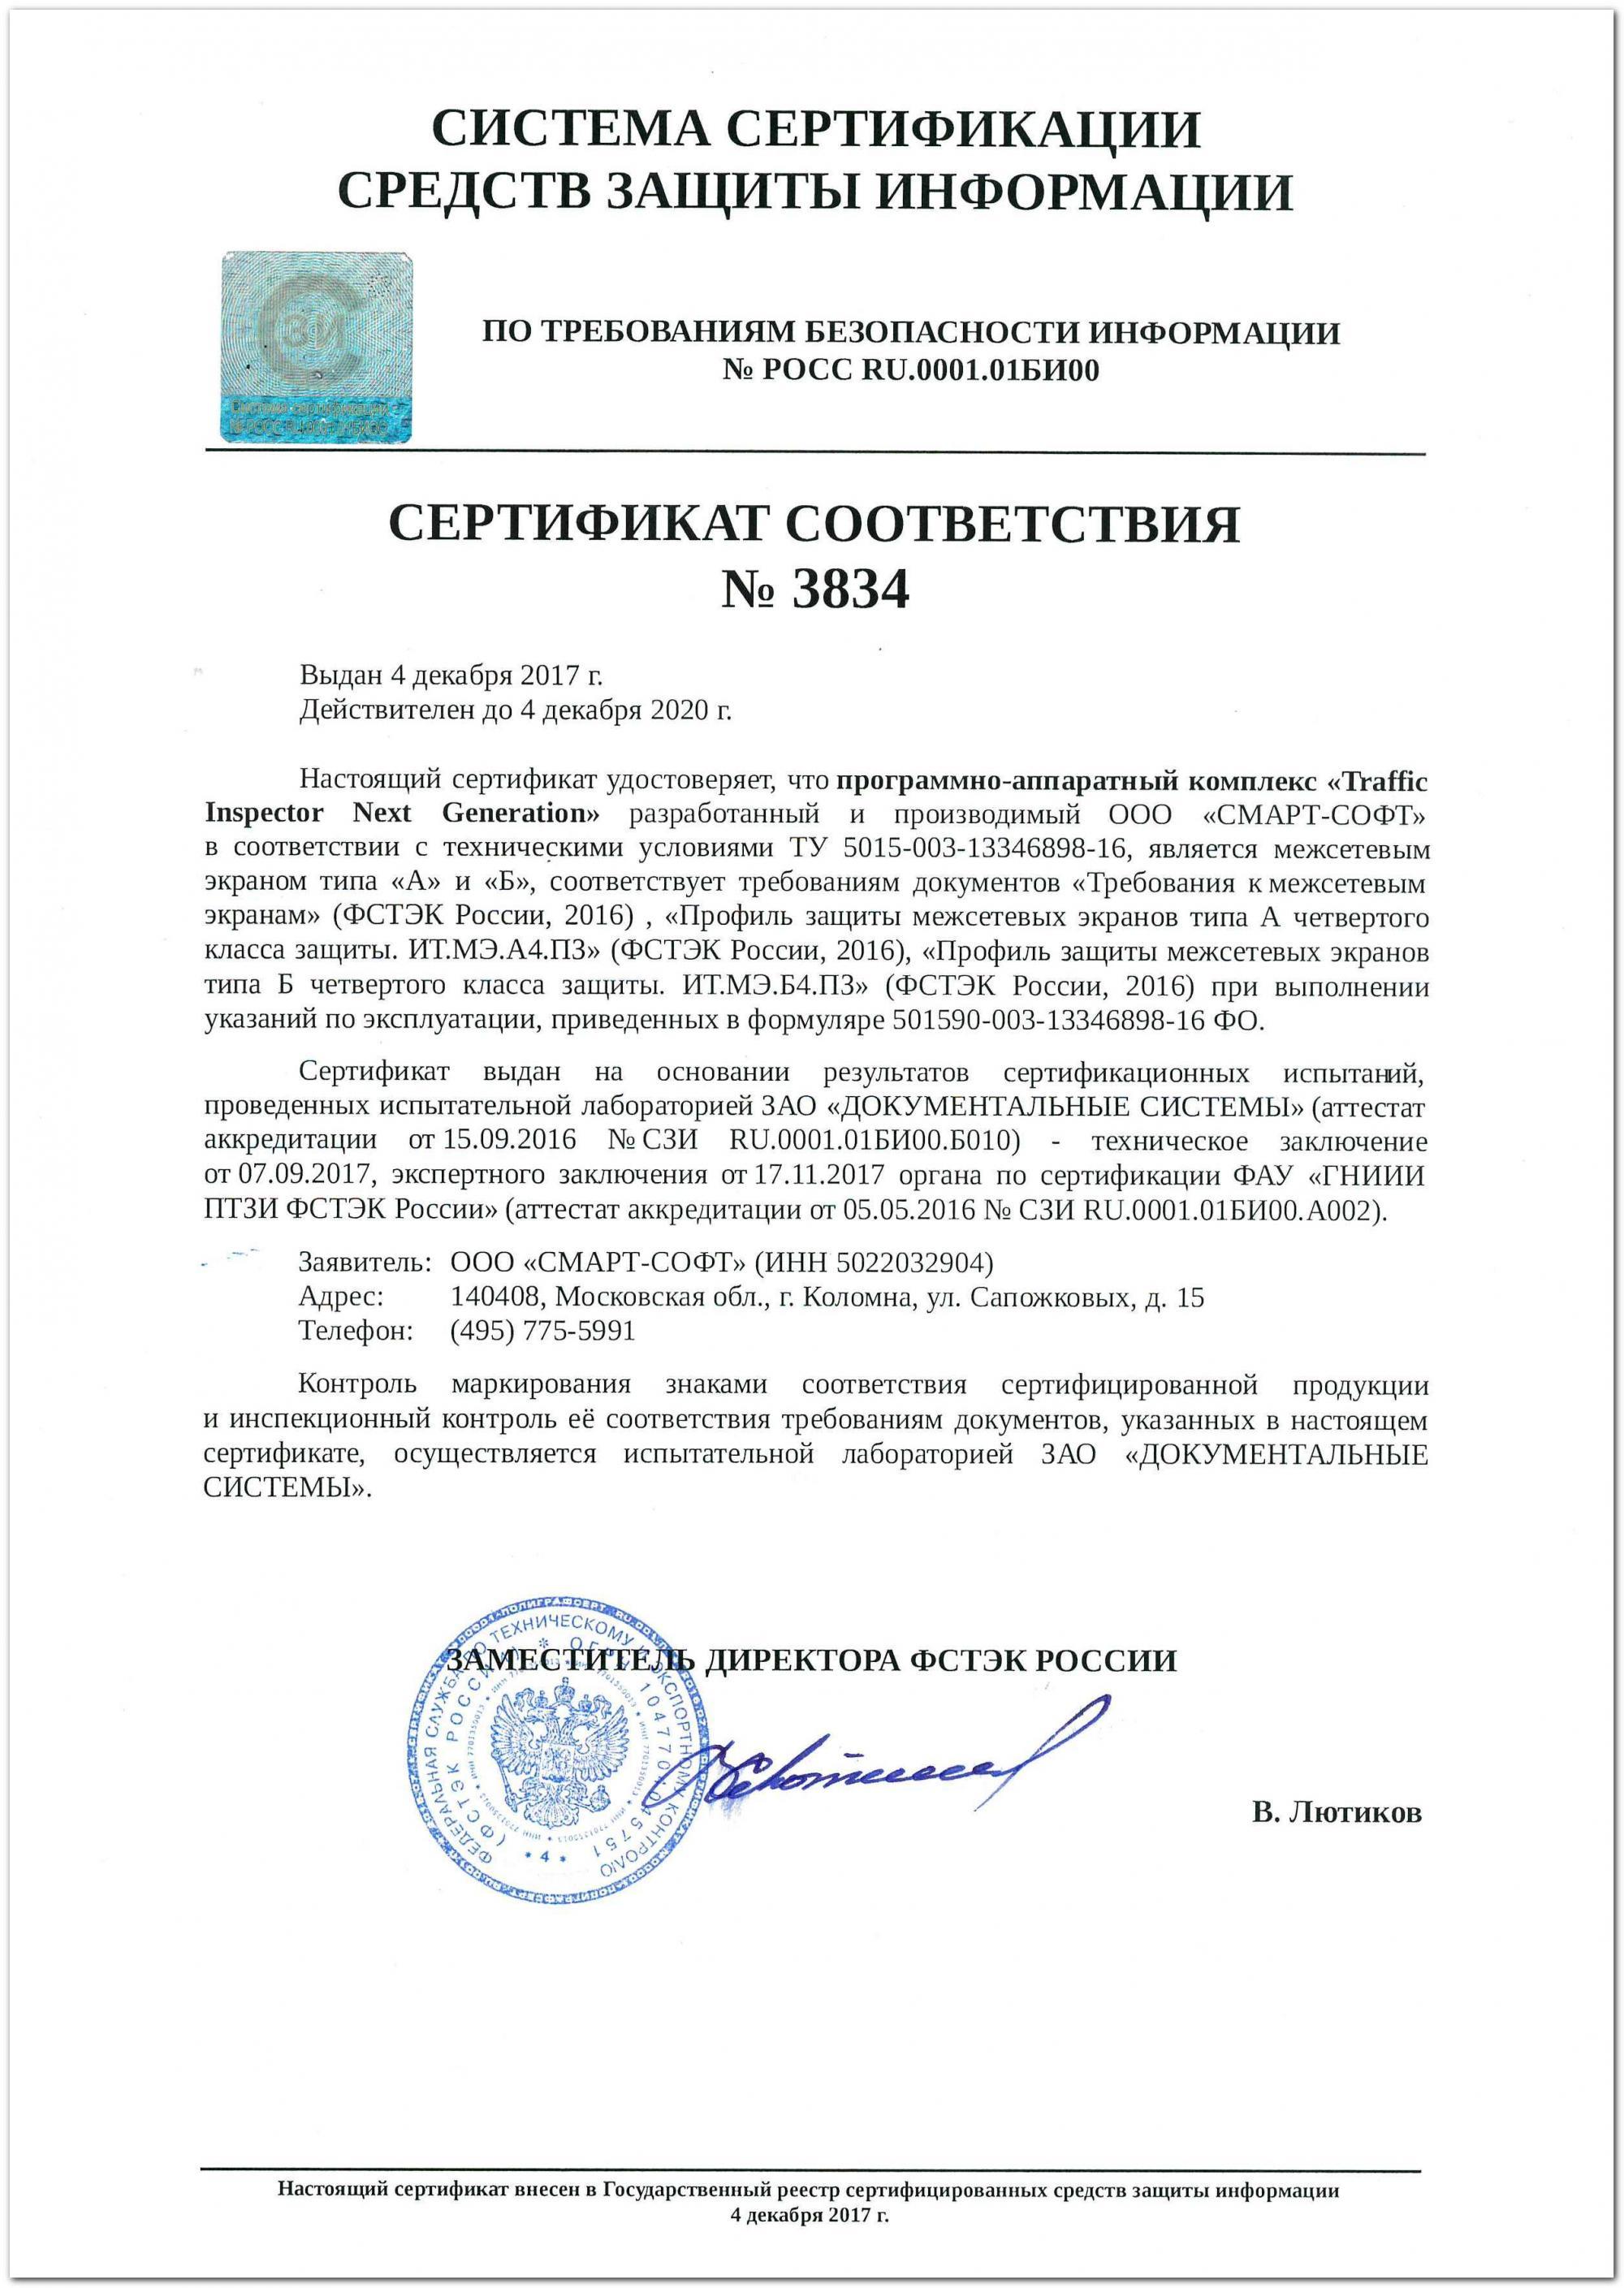 Внесение изменений документов сертификация стандартизация и сертификация продукции рк реферат